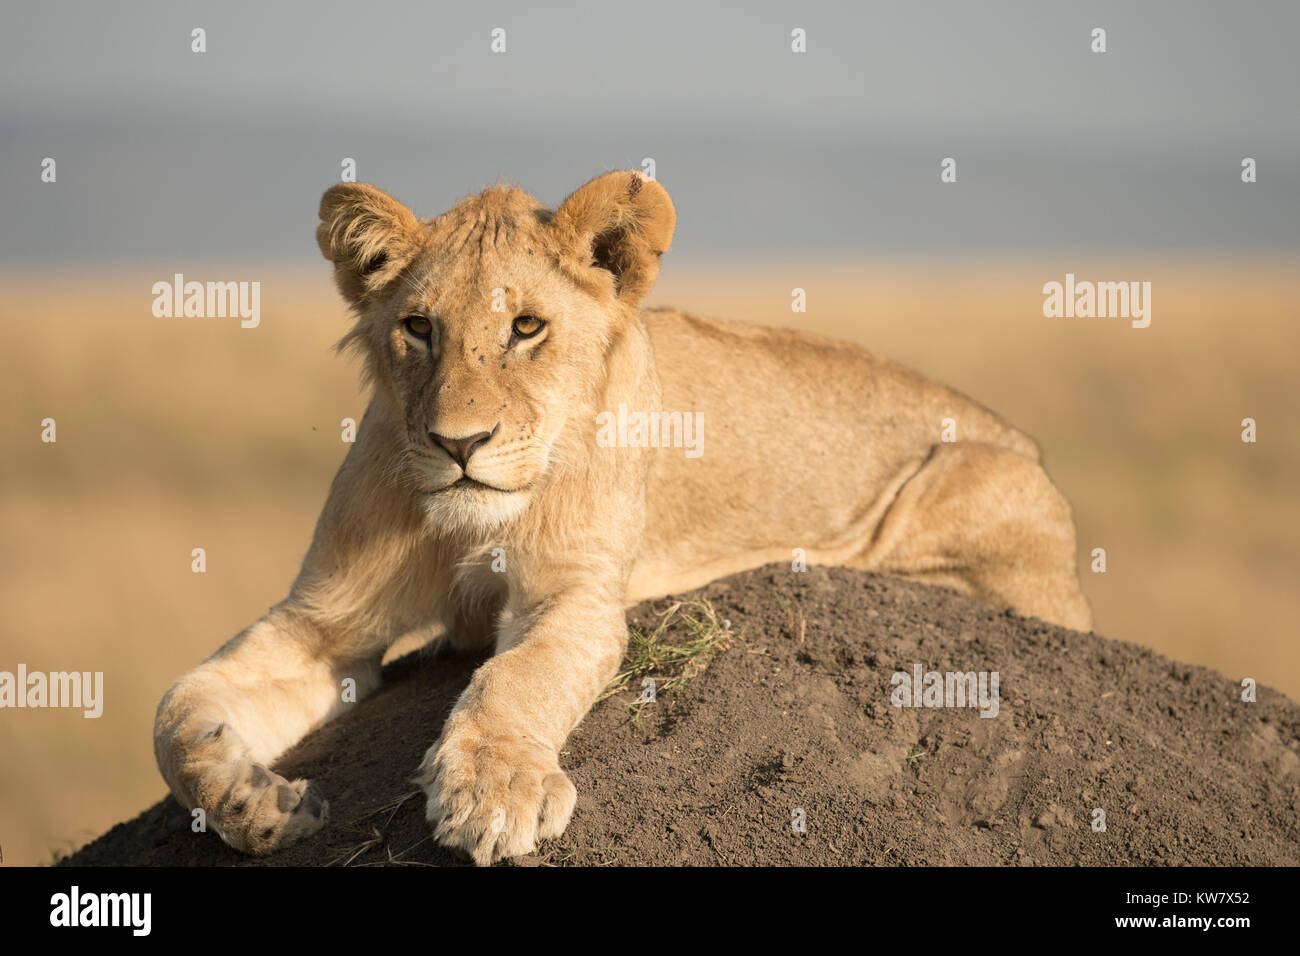 Lion (Panthera leo) cub seduto su un tumulo termite guardando avanti nel Masai Mara Game Reserve in Kenya Immagini Stock